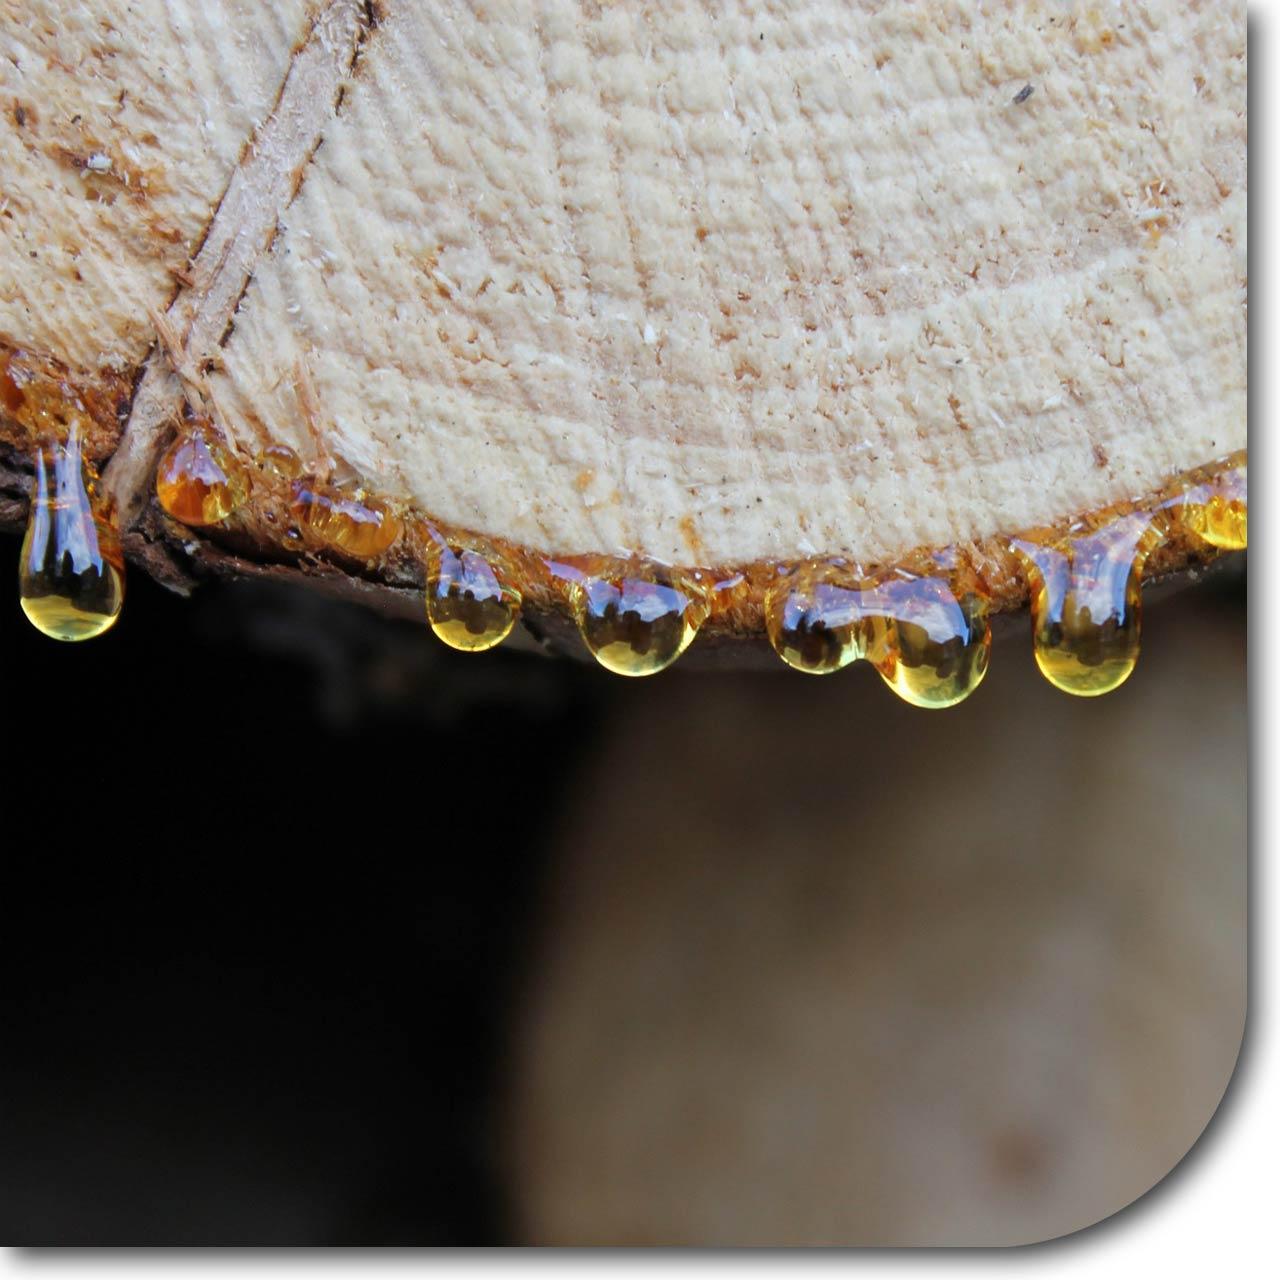 Bild mit tropfenden Harz aus einem Holzscheit